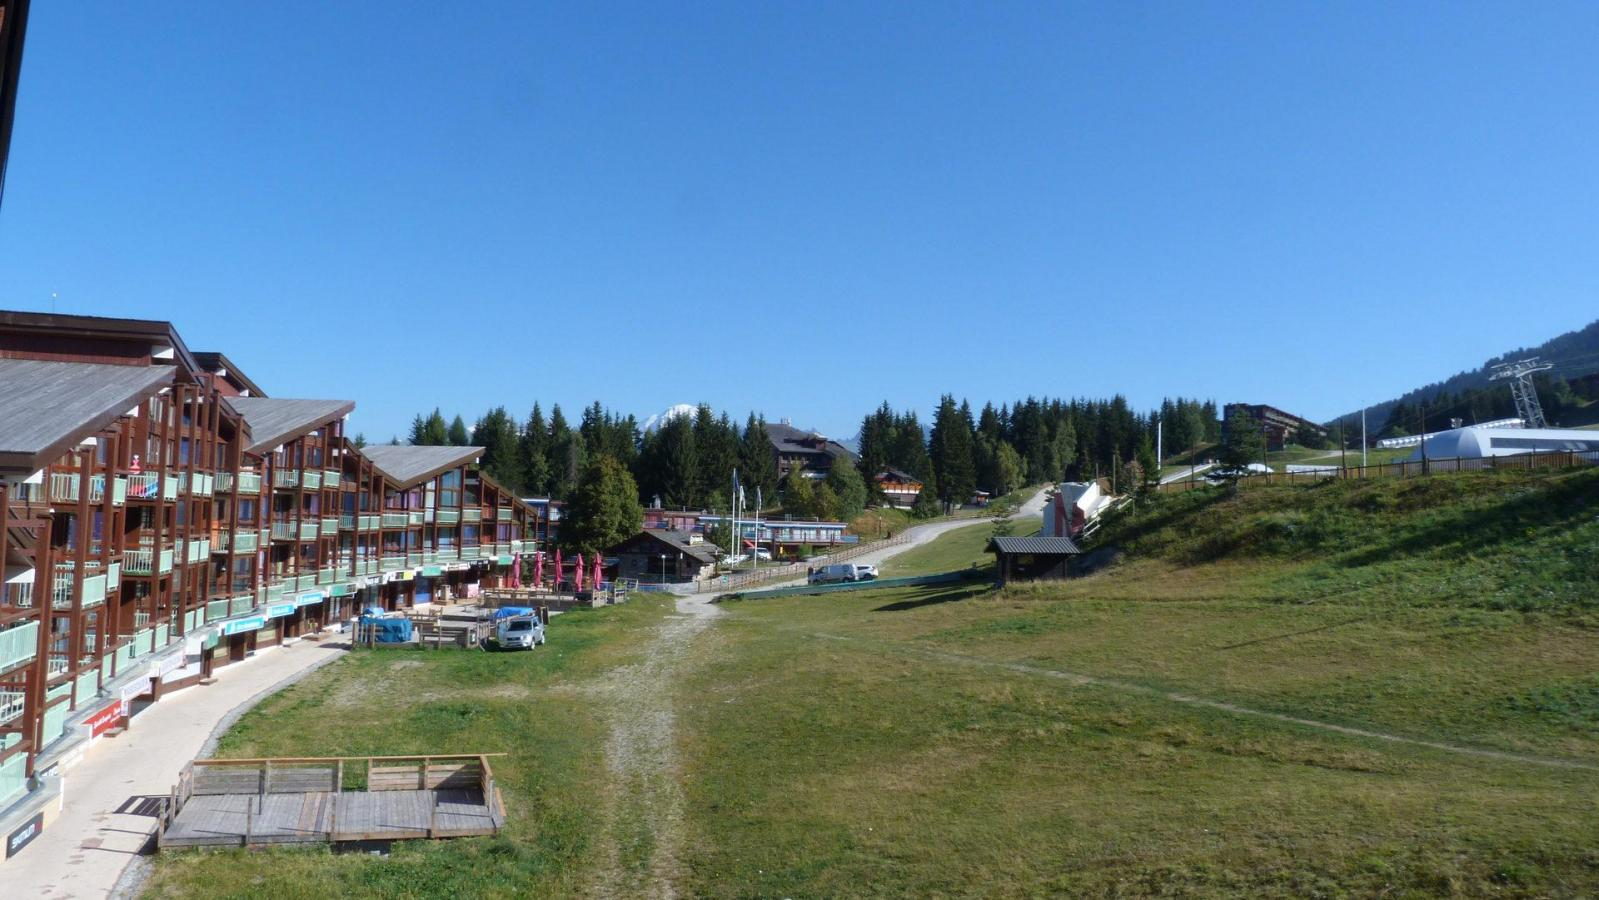 Location au ski Appartement duplex 5 pièces 10 personnes (1307) - Residence Les Tournavelles - Les Arcs - Chambre mansardée